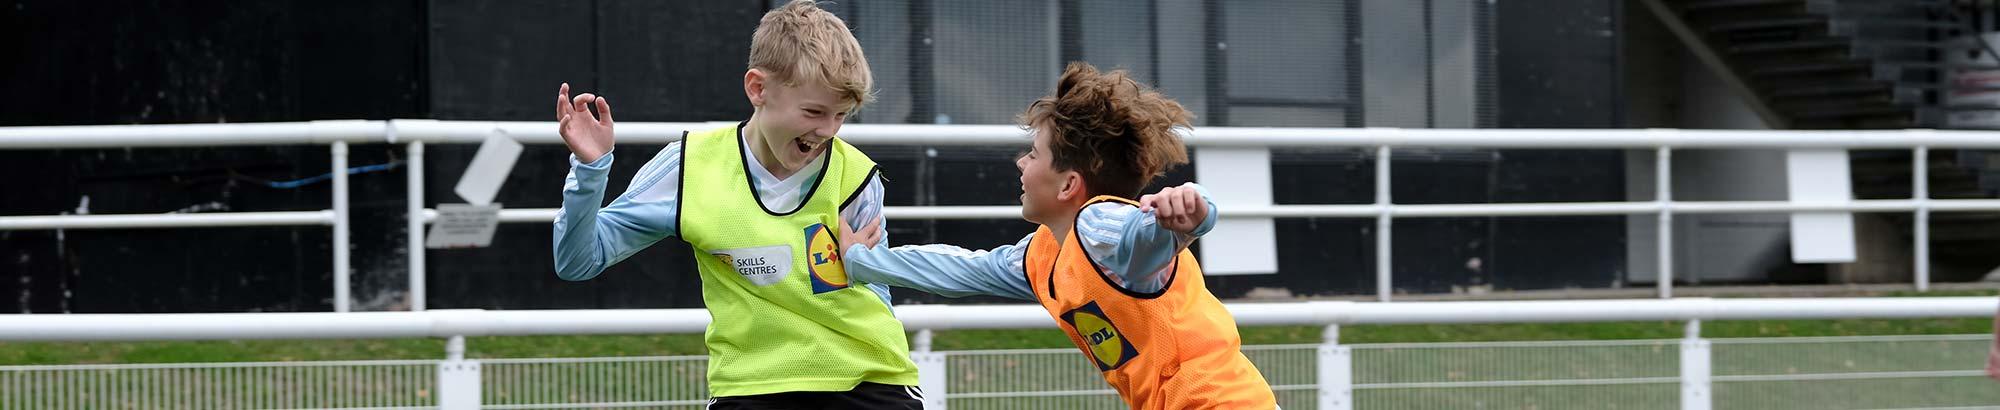 Sports-Sport-In-Schools